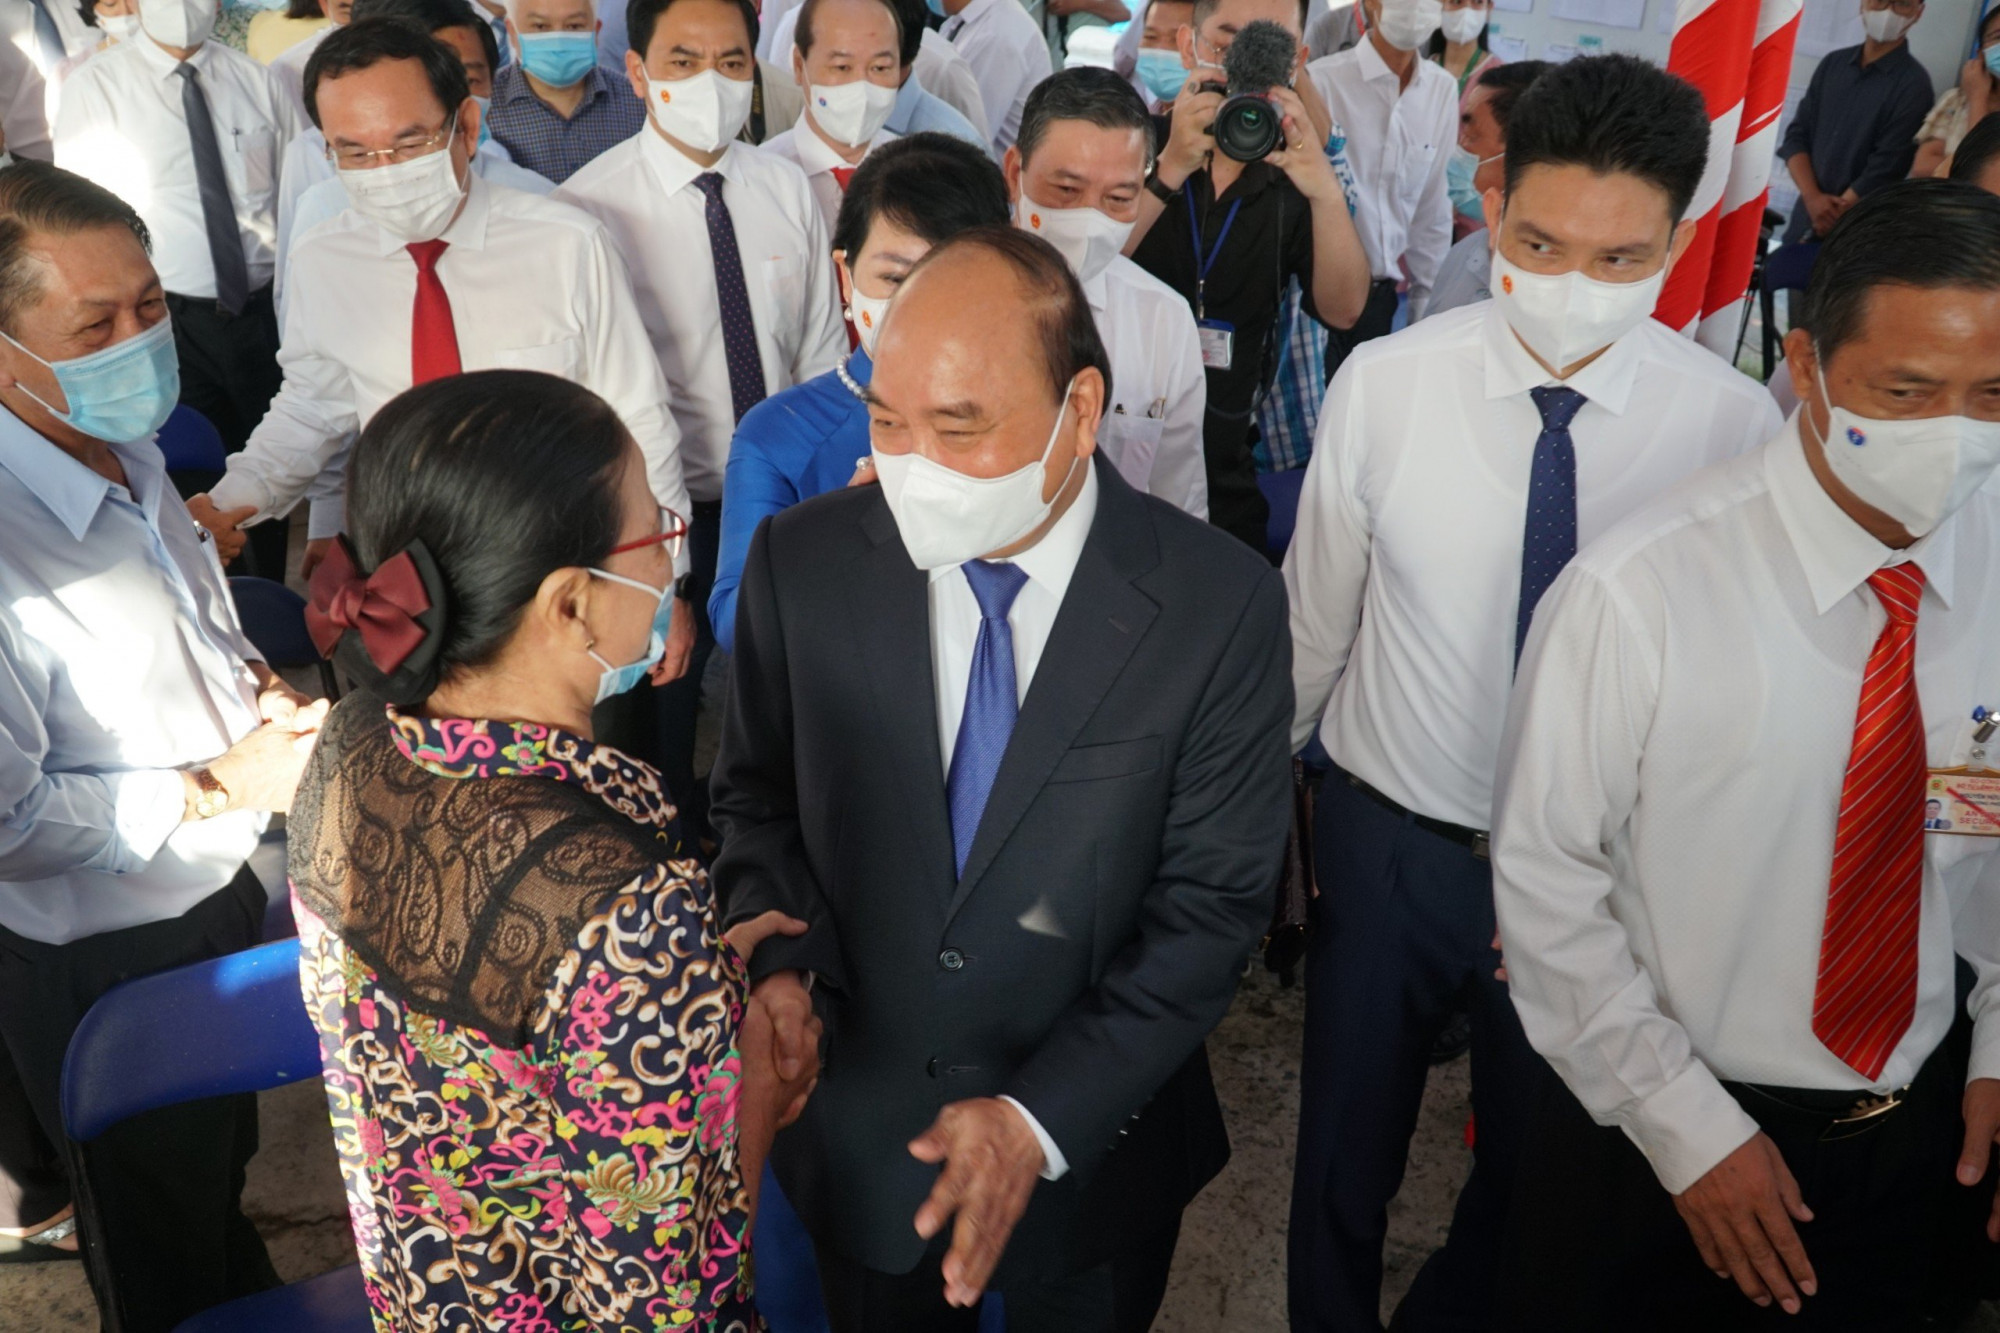 Sau khi bỏ phiếu, Chủ tịch nước Nguyễn Xuân Phúc thăm hỏi sức khỏe các cử tri